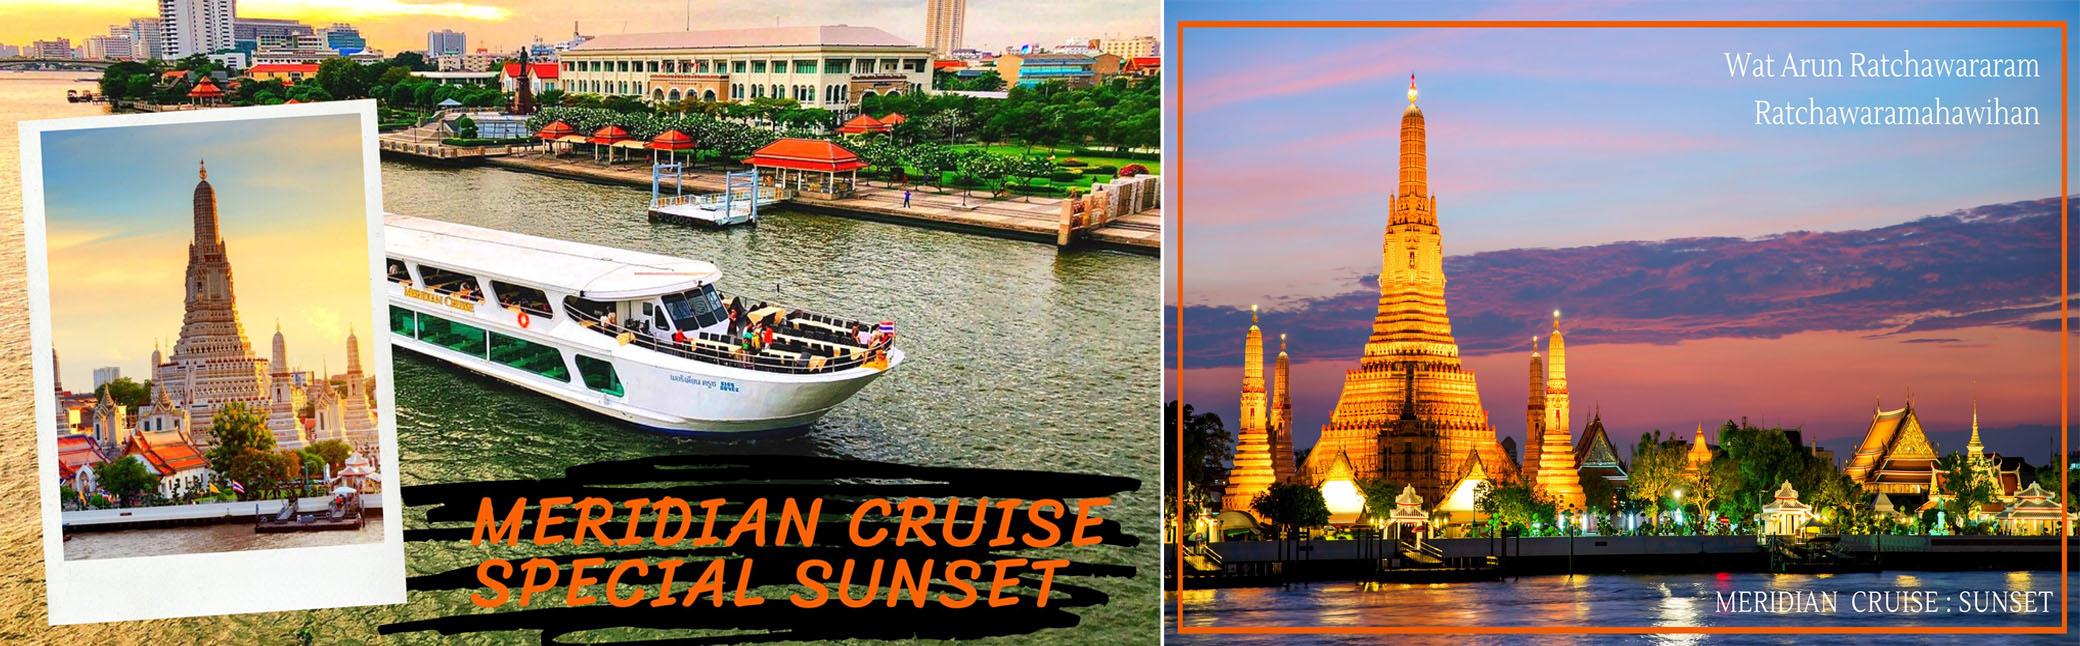 Meridian Cruise Sunset ล่องเรือแม่น้ำเจ้าพระยา  Buffet by เรือสำราญ ชมพระอาทิตย์ตกดิน